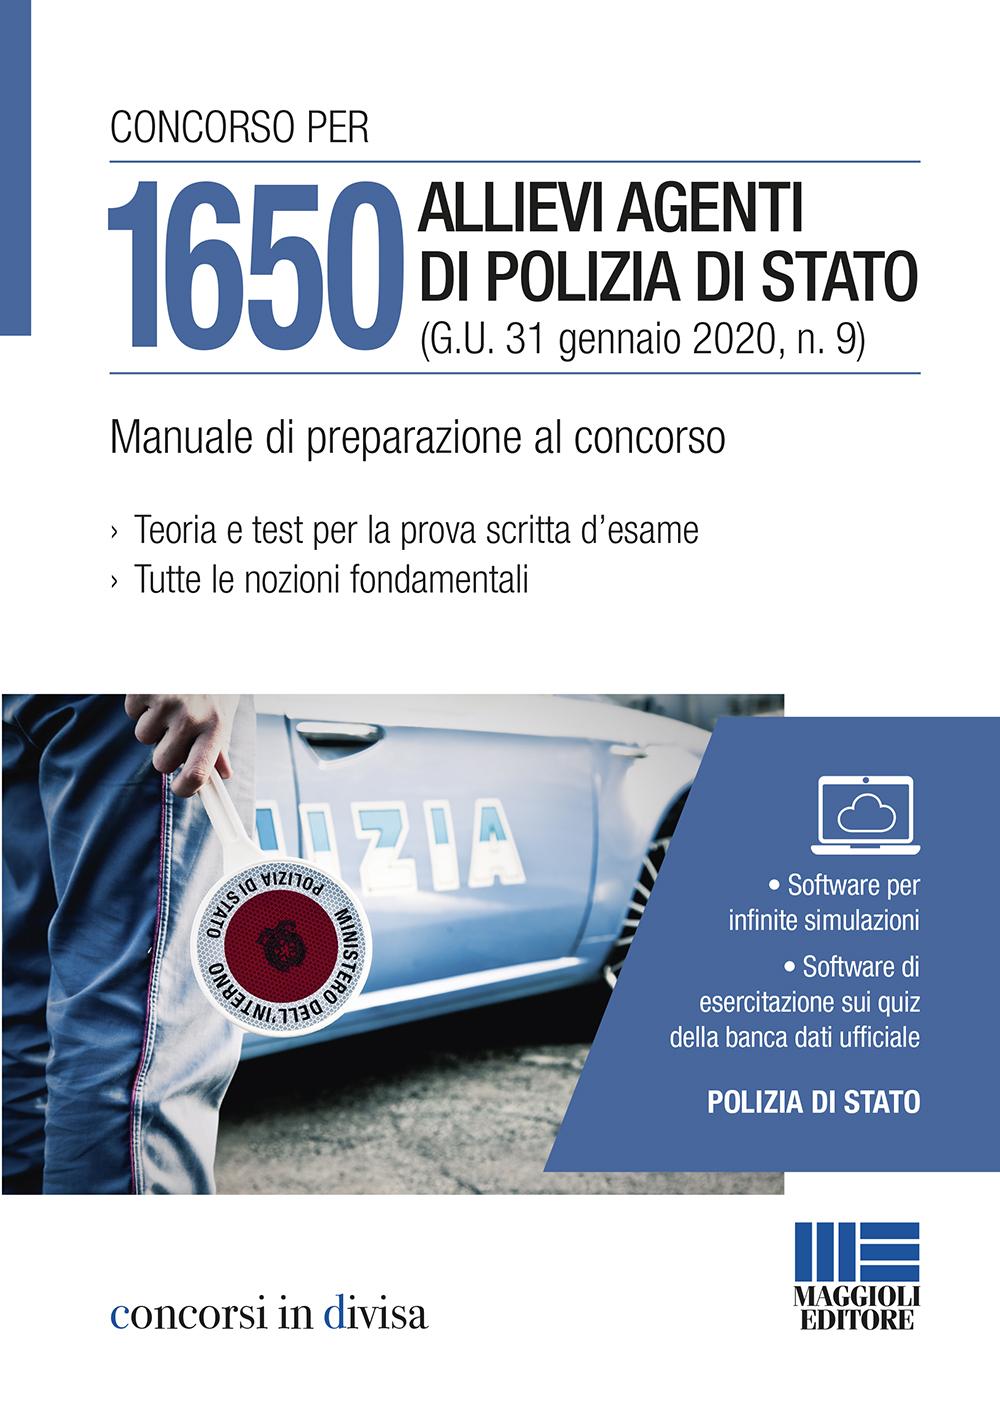 Concorso per 1650 Allievi Agenti di Polizia di Stato (G.U. 31 gennaio 2020, n. 9) - Manuale di preparazione al concorso